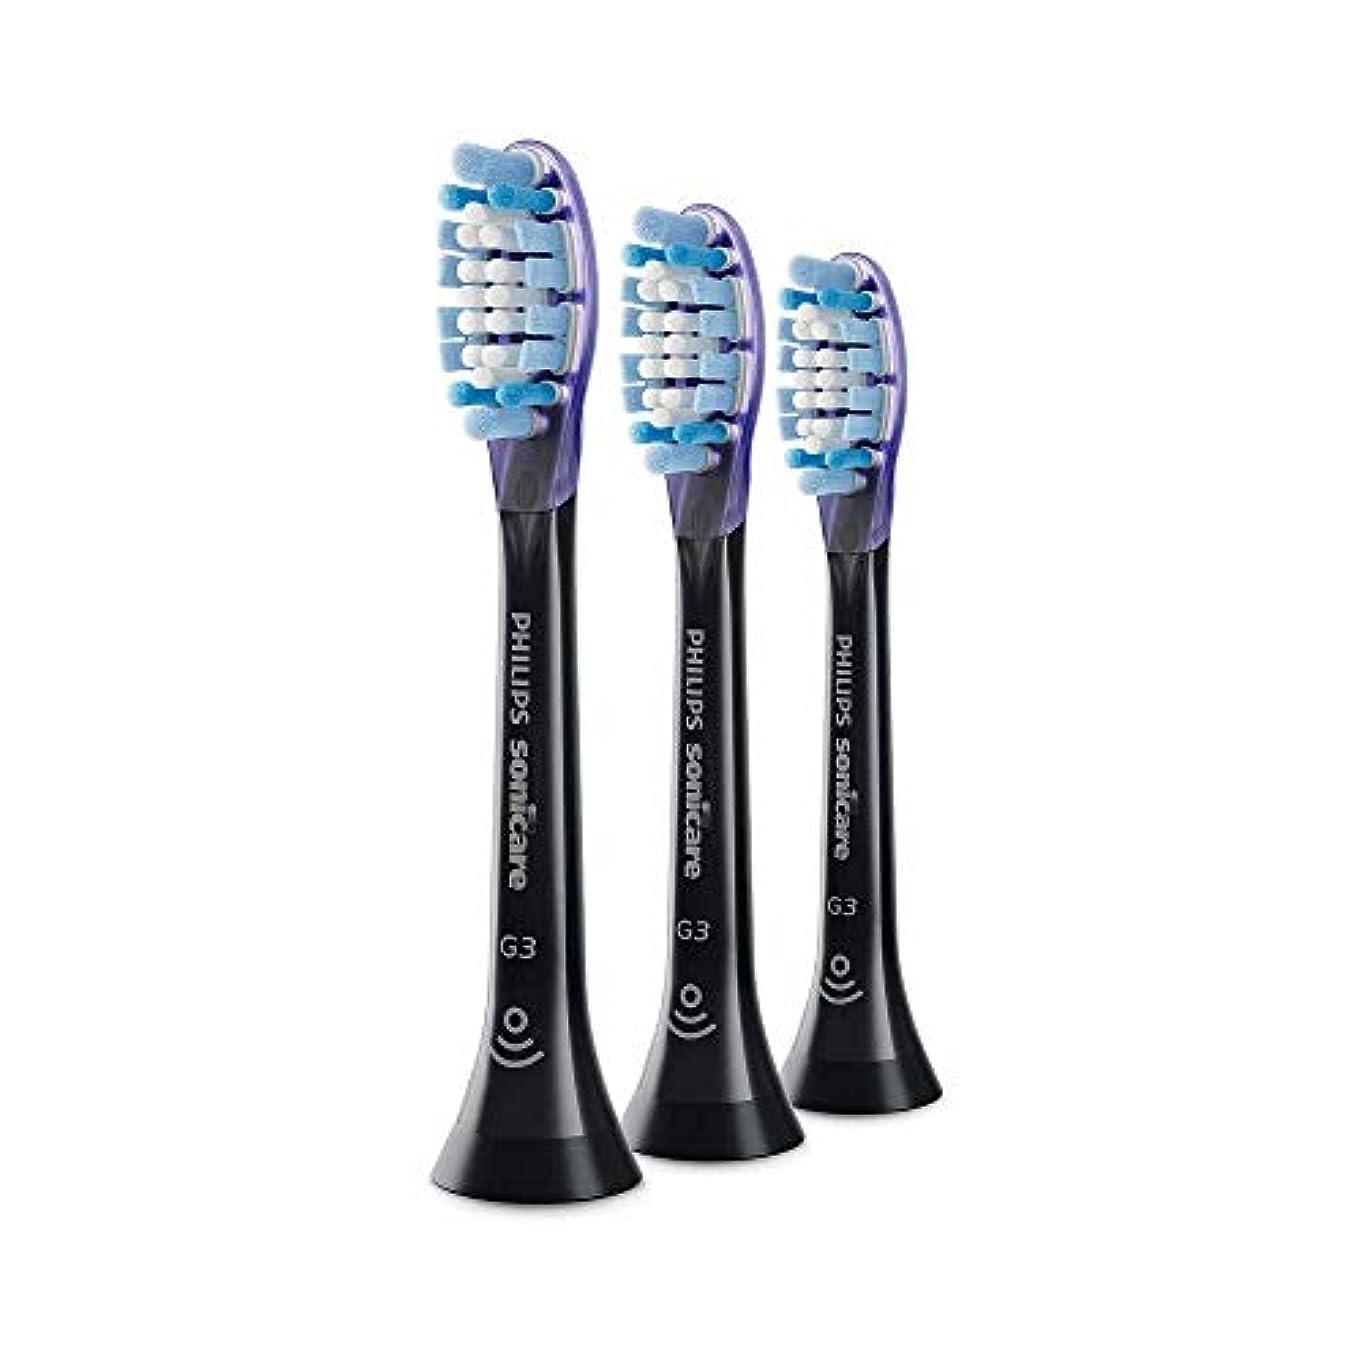 宿るパズルダンスPhilips HX9053 Sonicare G3 Premium GumCare 標準のソニック歯ブラシヘッド Black [並行輸入品]